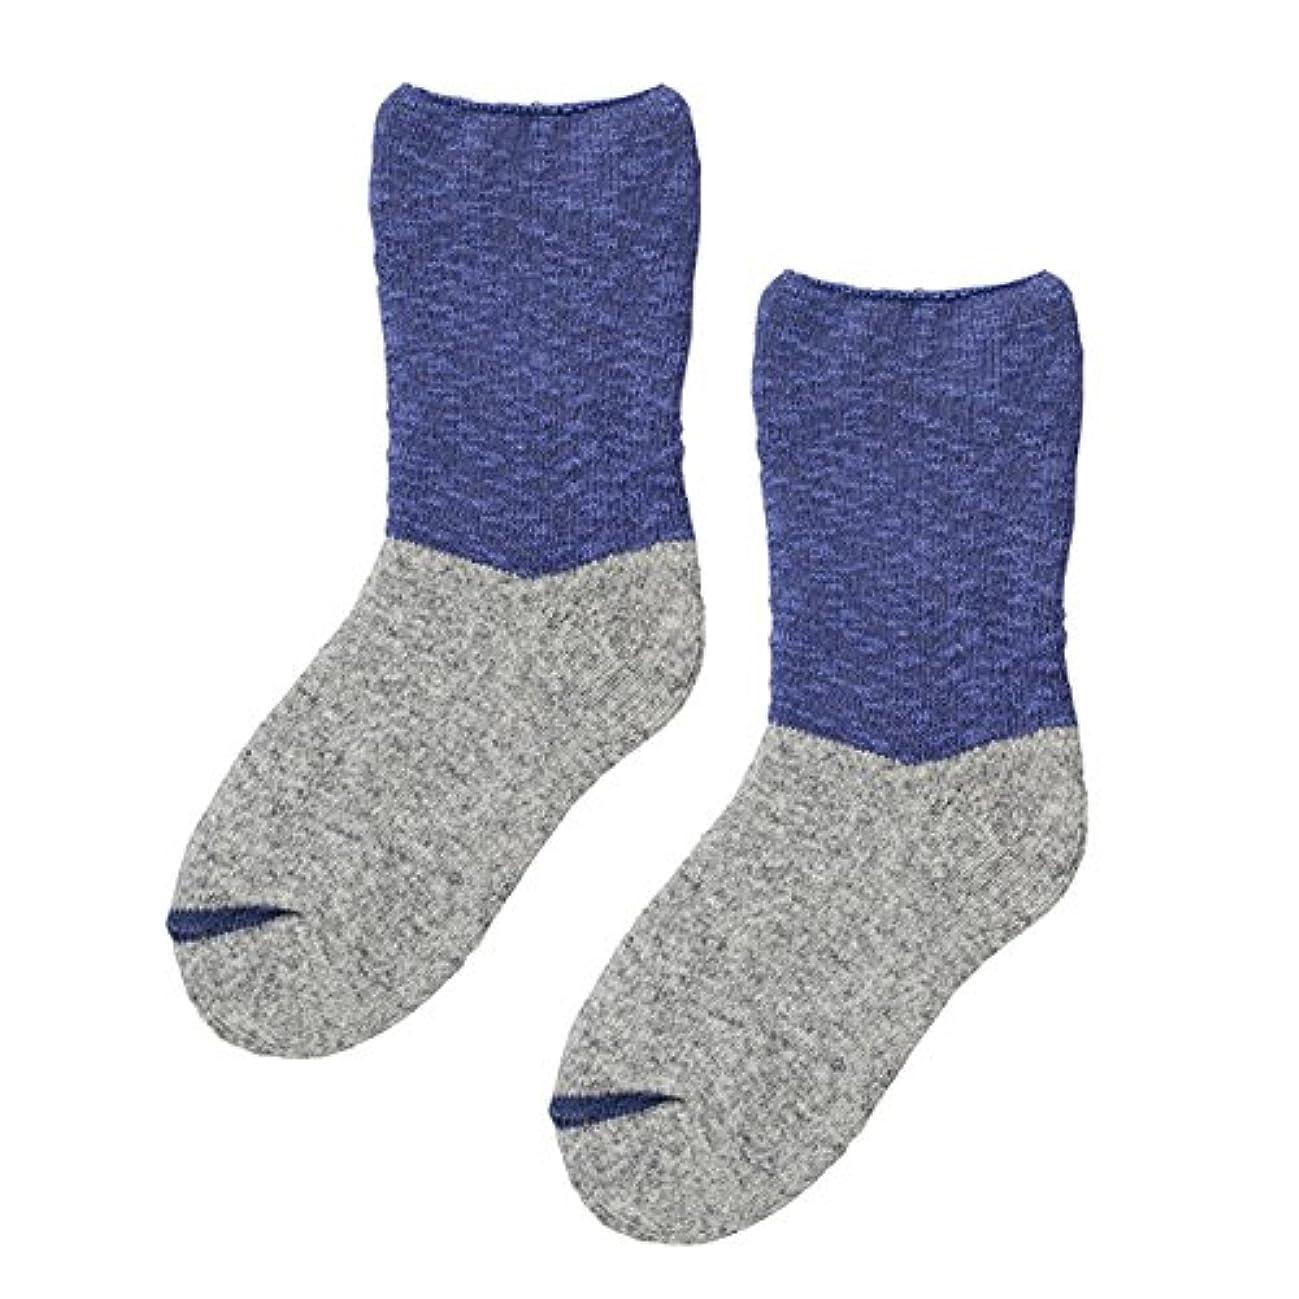 また明日ね臨検商品砂山靴下 Carelance(ケアランス) お風呂上りの靴下 コットンパイル 8591CA-05 グレー